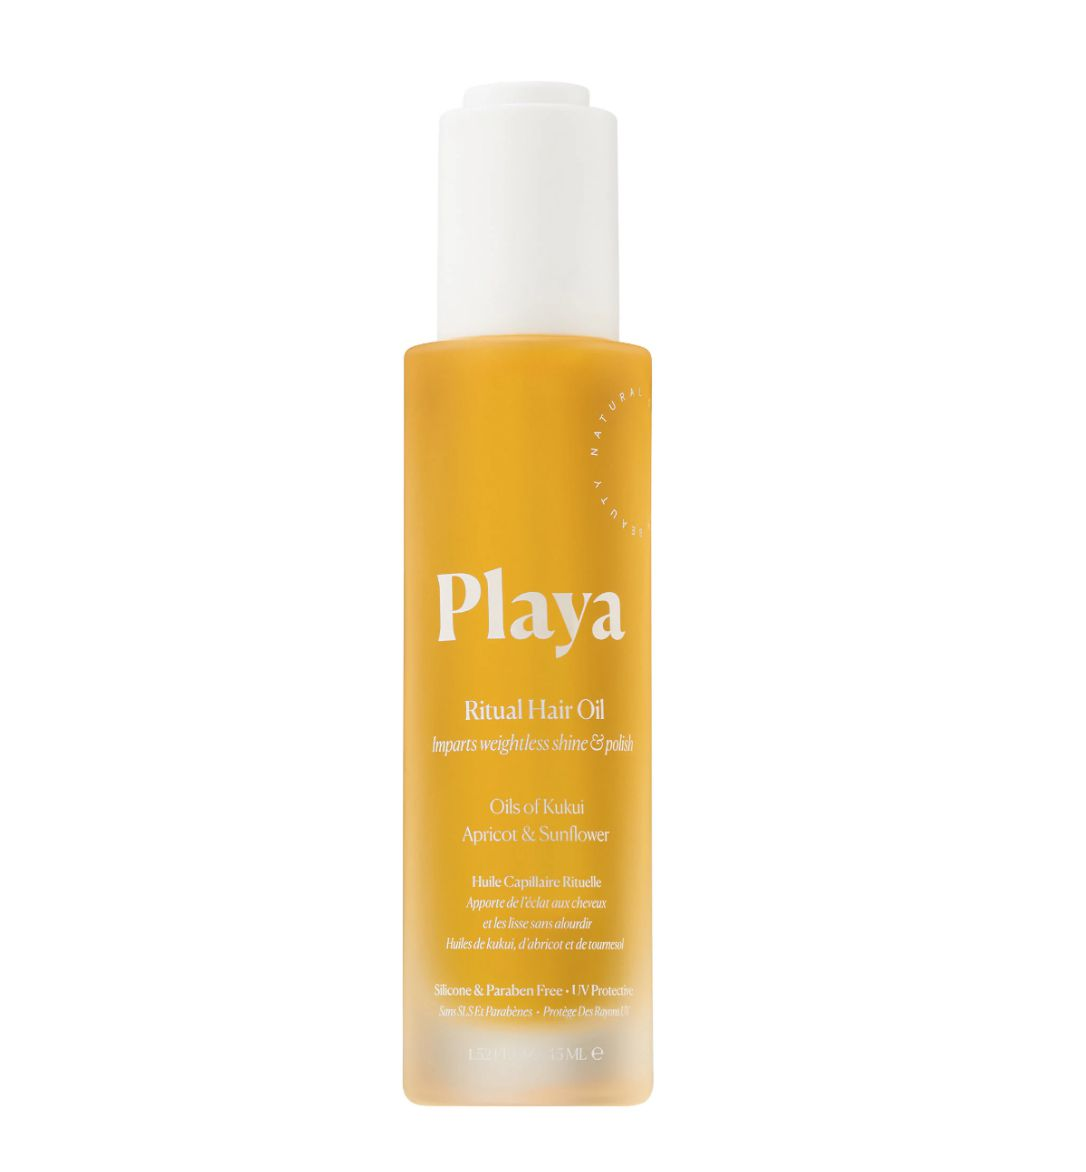 Playa hair oil